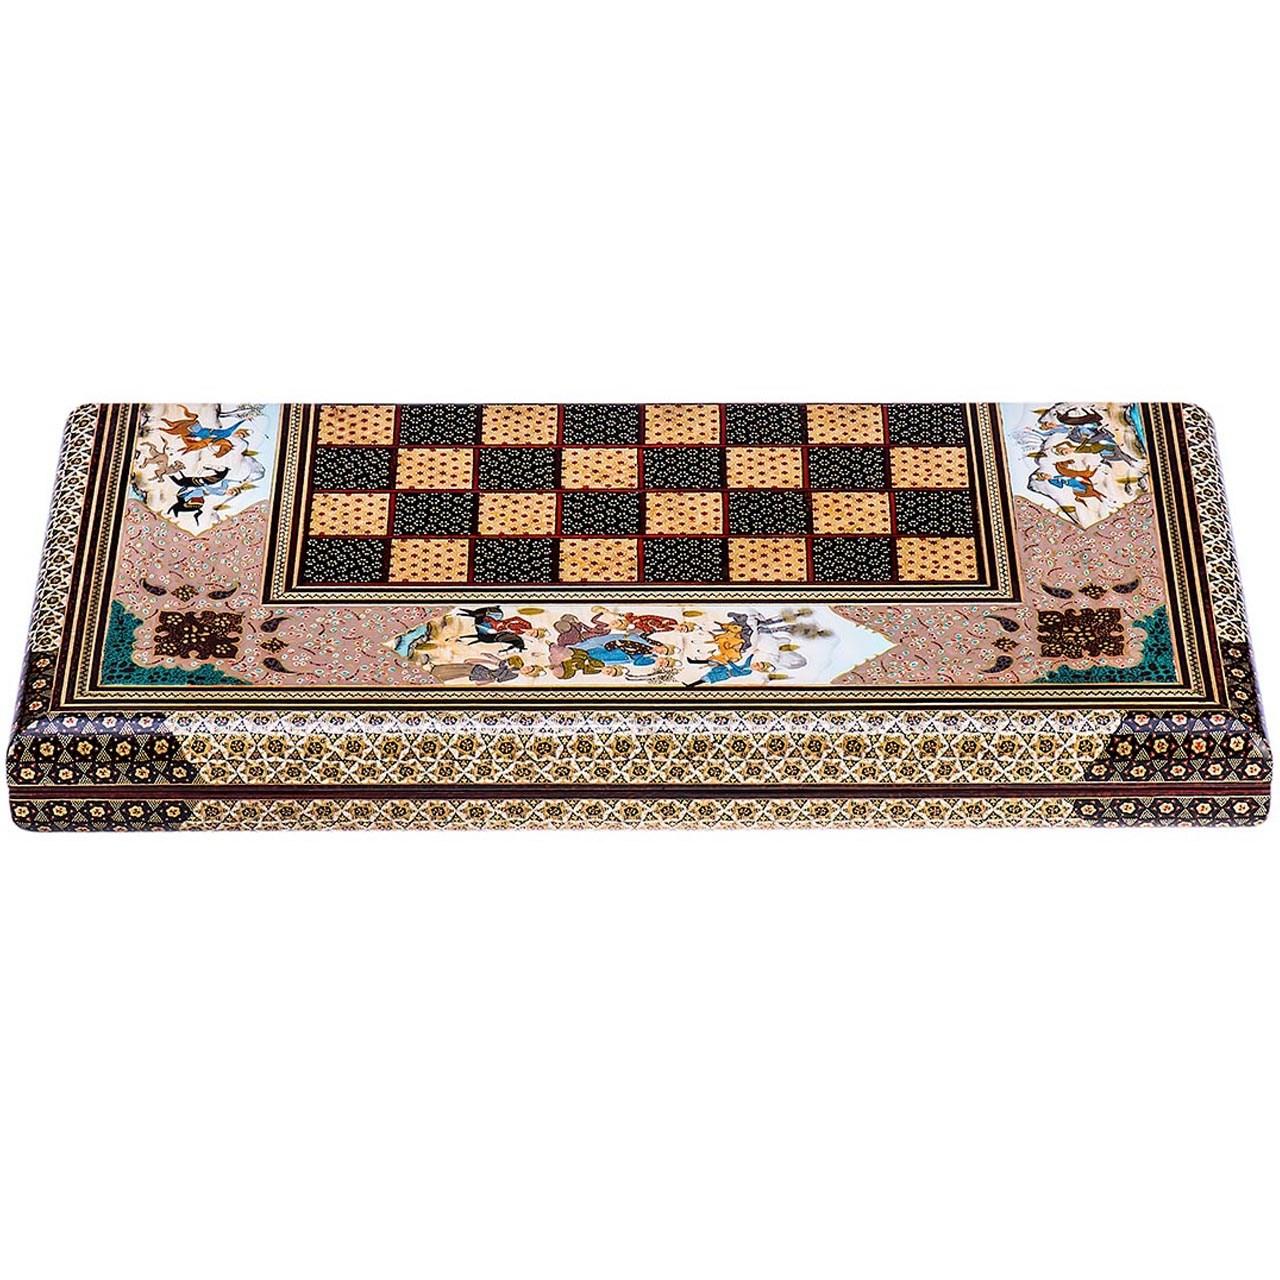 صفحه شطرنج خاتم اثر کروبی مدل لبه گرد طرح شکار طول 50 سانتی متر